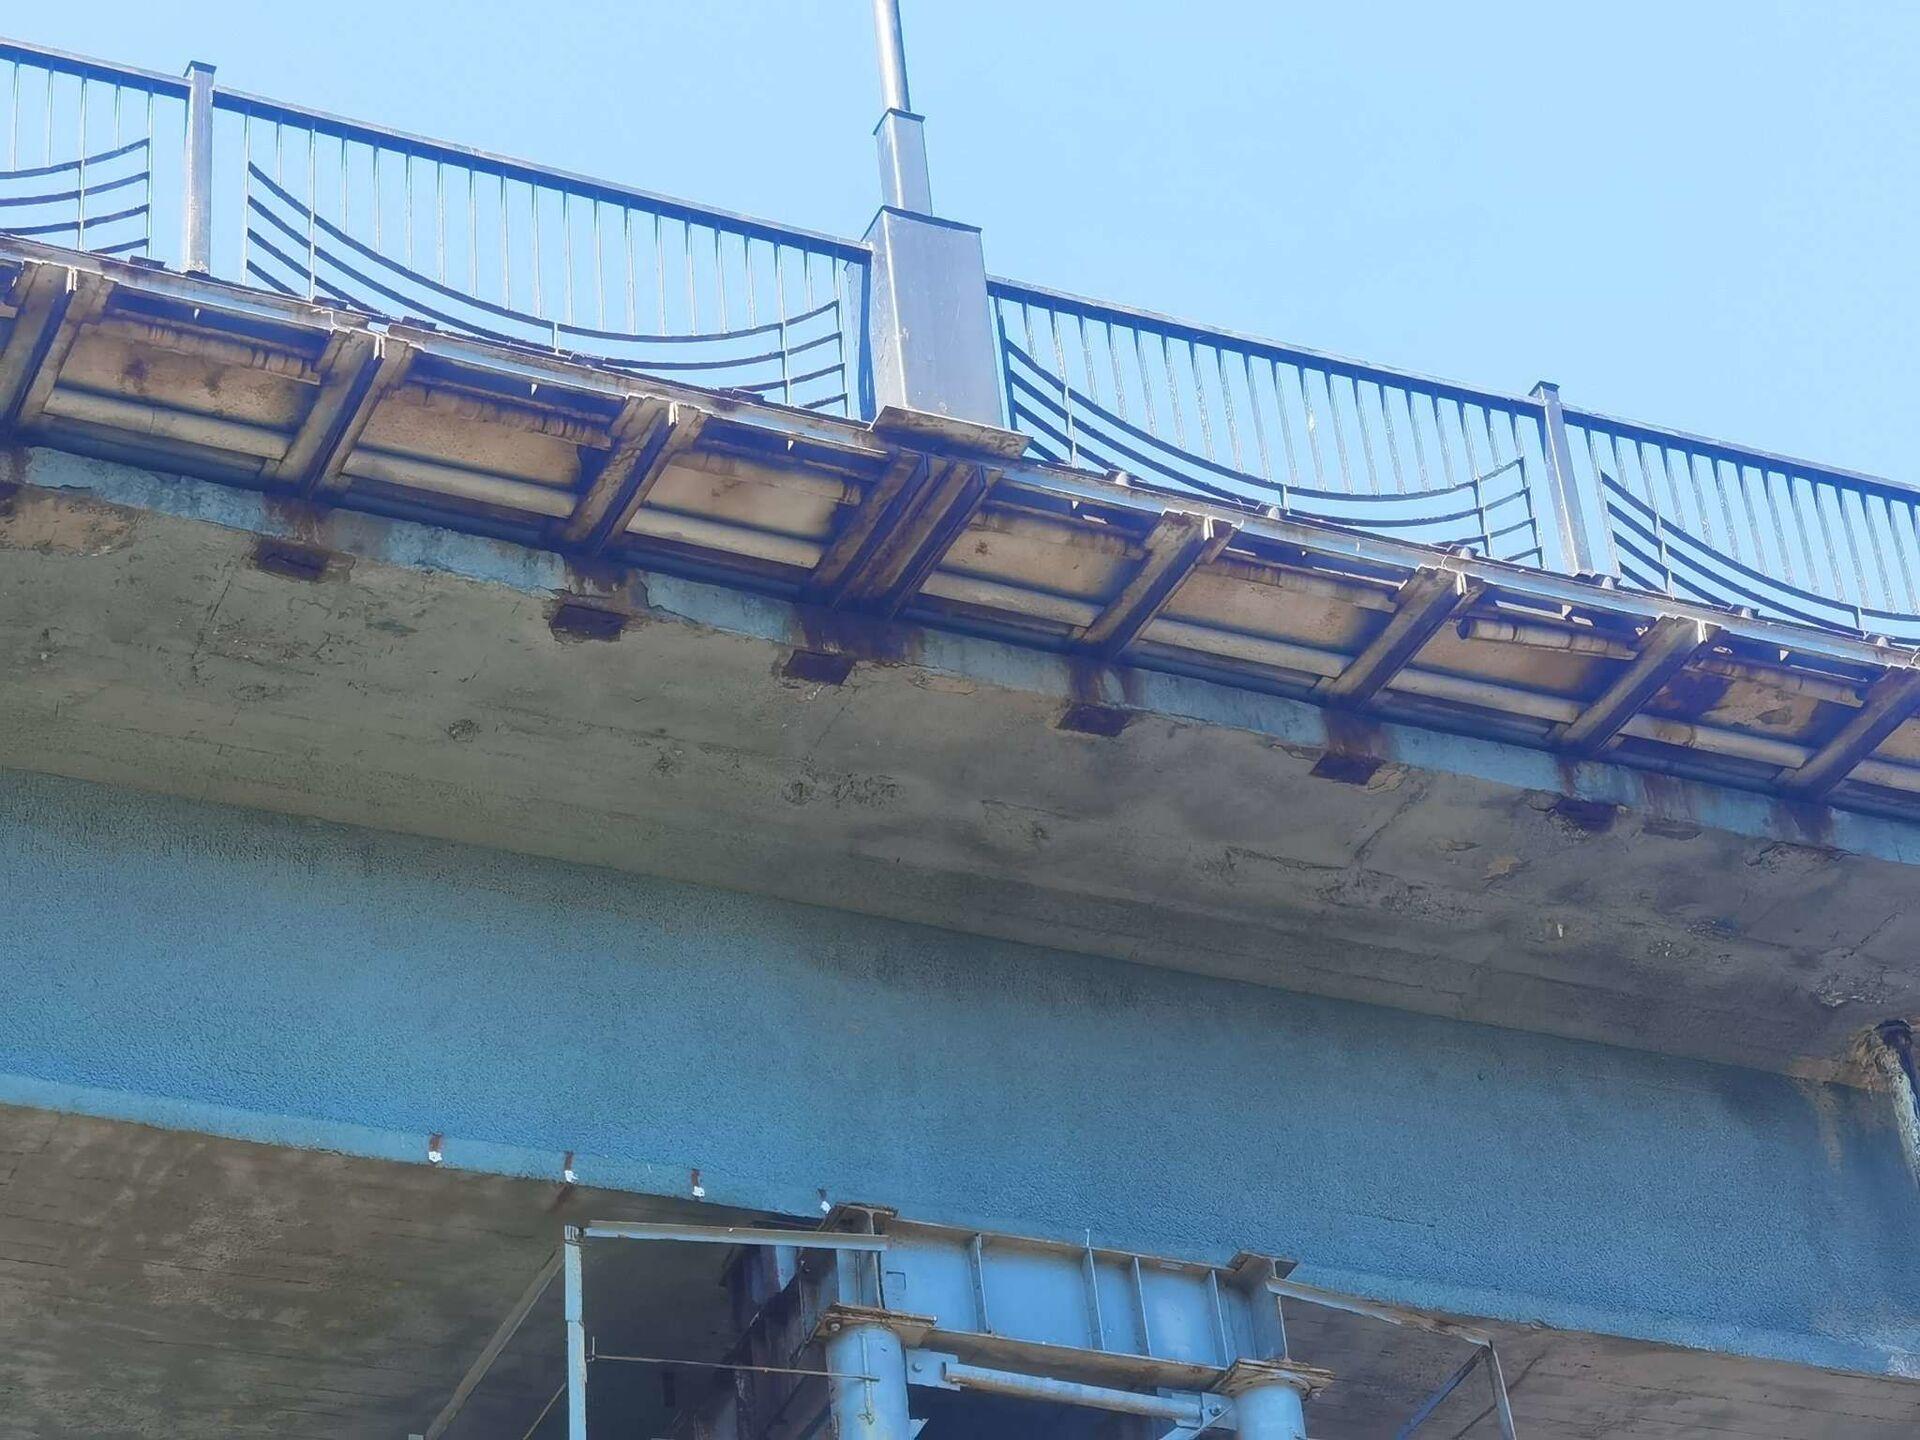 В 2000 году тротуары на мосту вынесли на специальные металлические консоли - Sputnik Беларусь, 1920, 29.06.2021